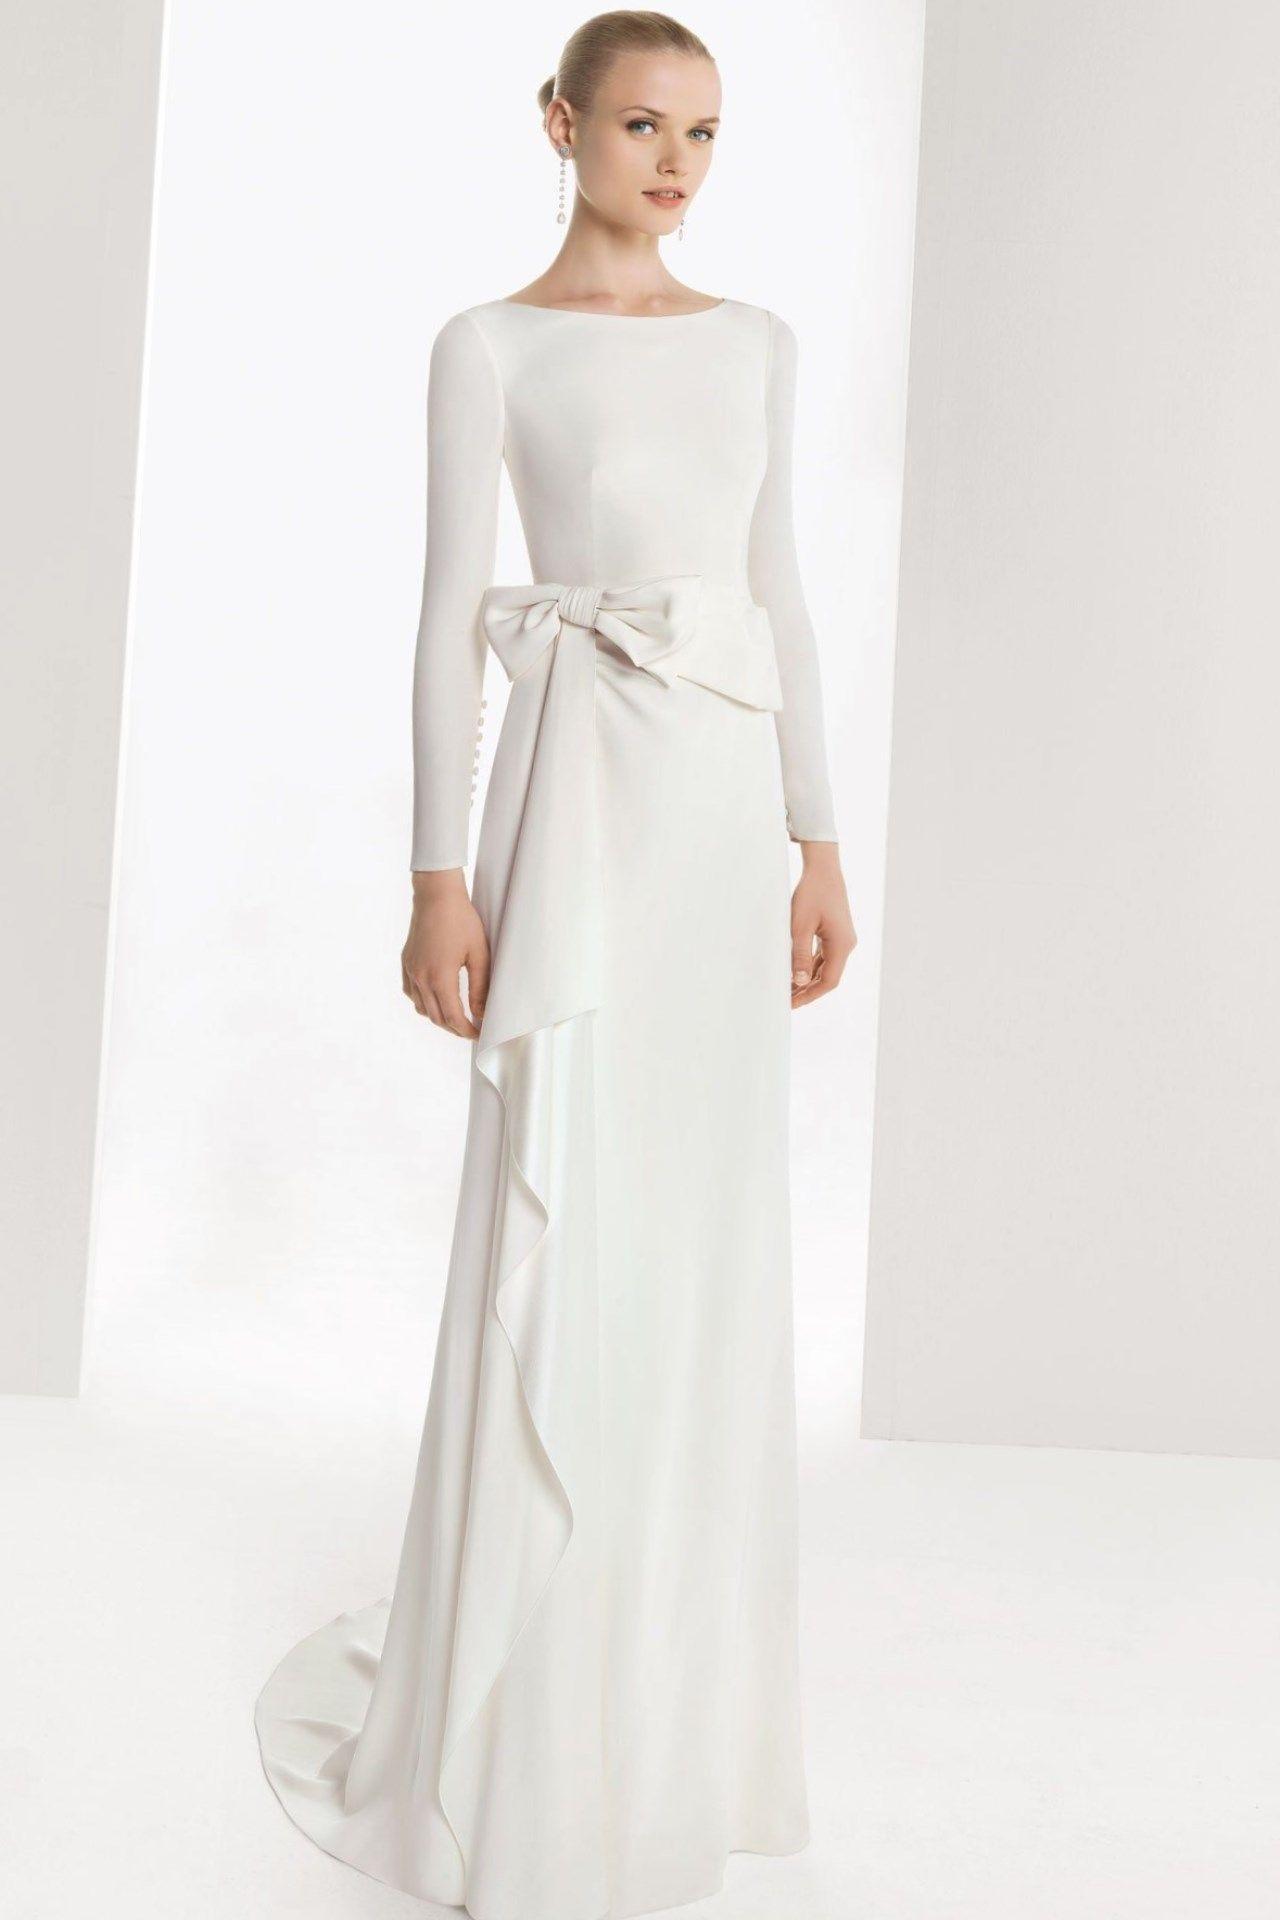 Formal Einfach Abendkleider Für Ältere Damen Design15 Einfach Abendkleider Für Ältere Damen für 2019